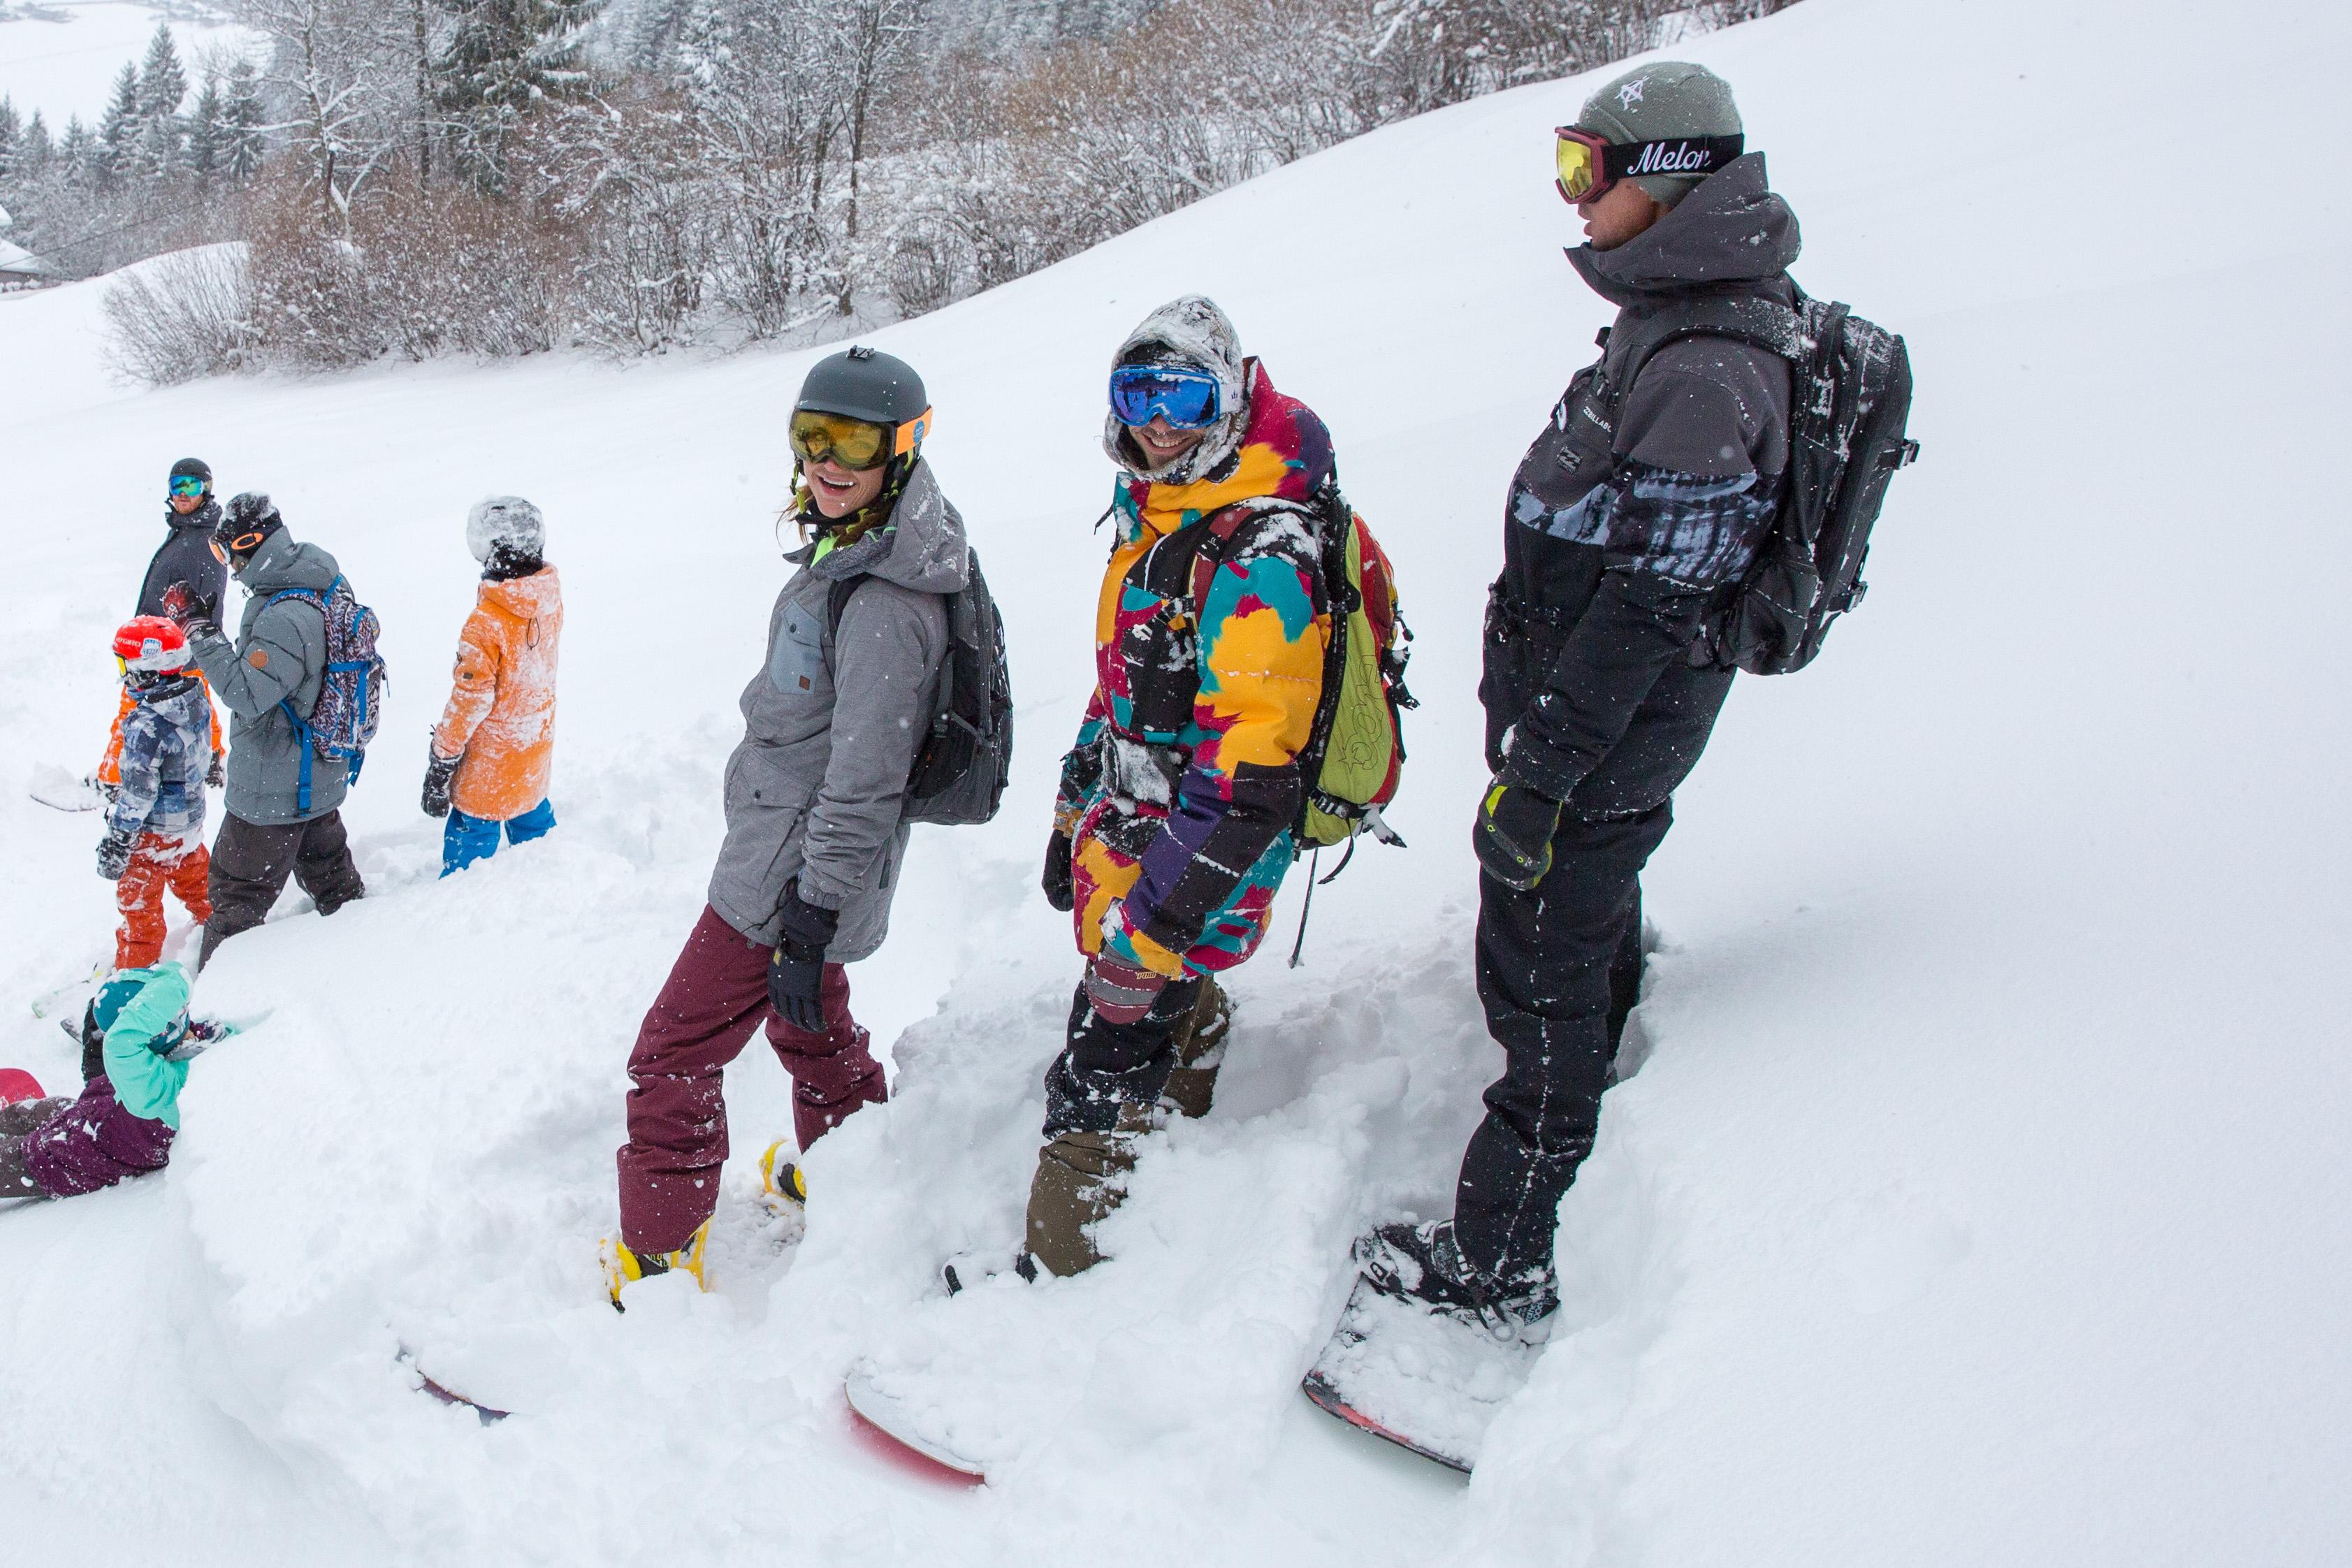 zillertal, oostenrijk, daisy, wintersport, snowboarden, valley ralley